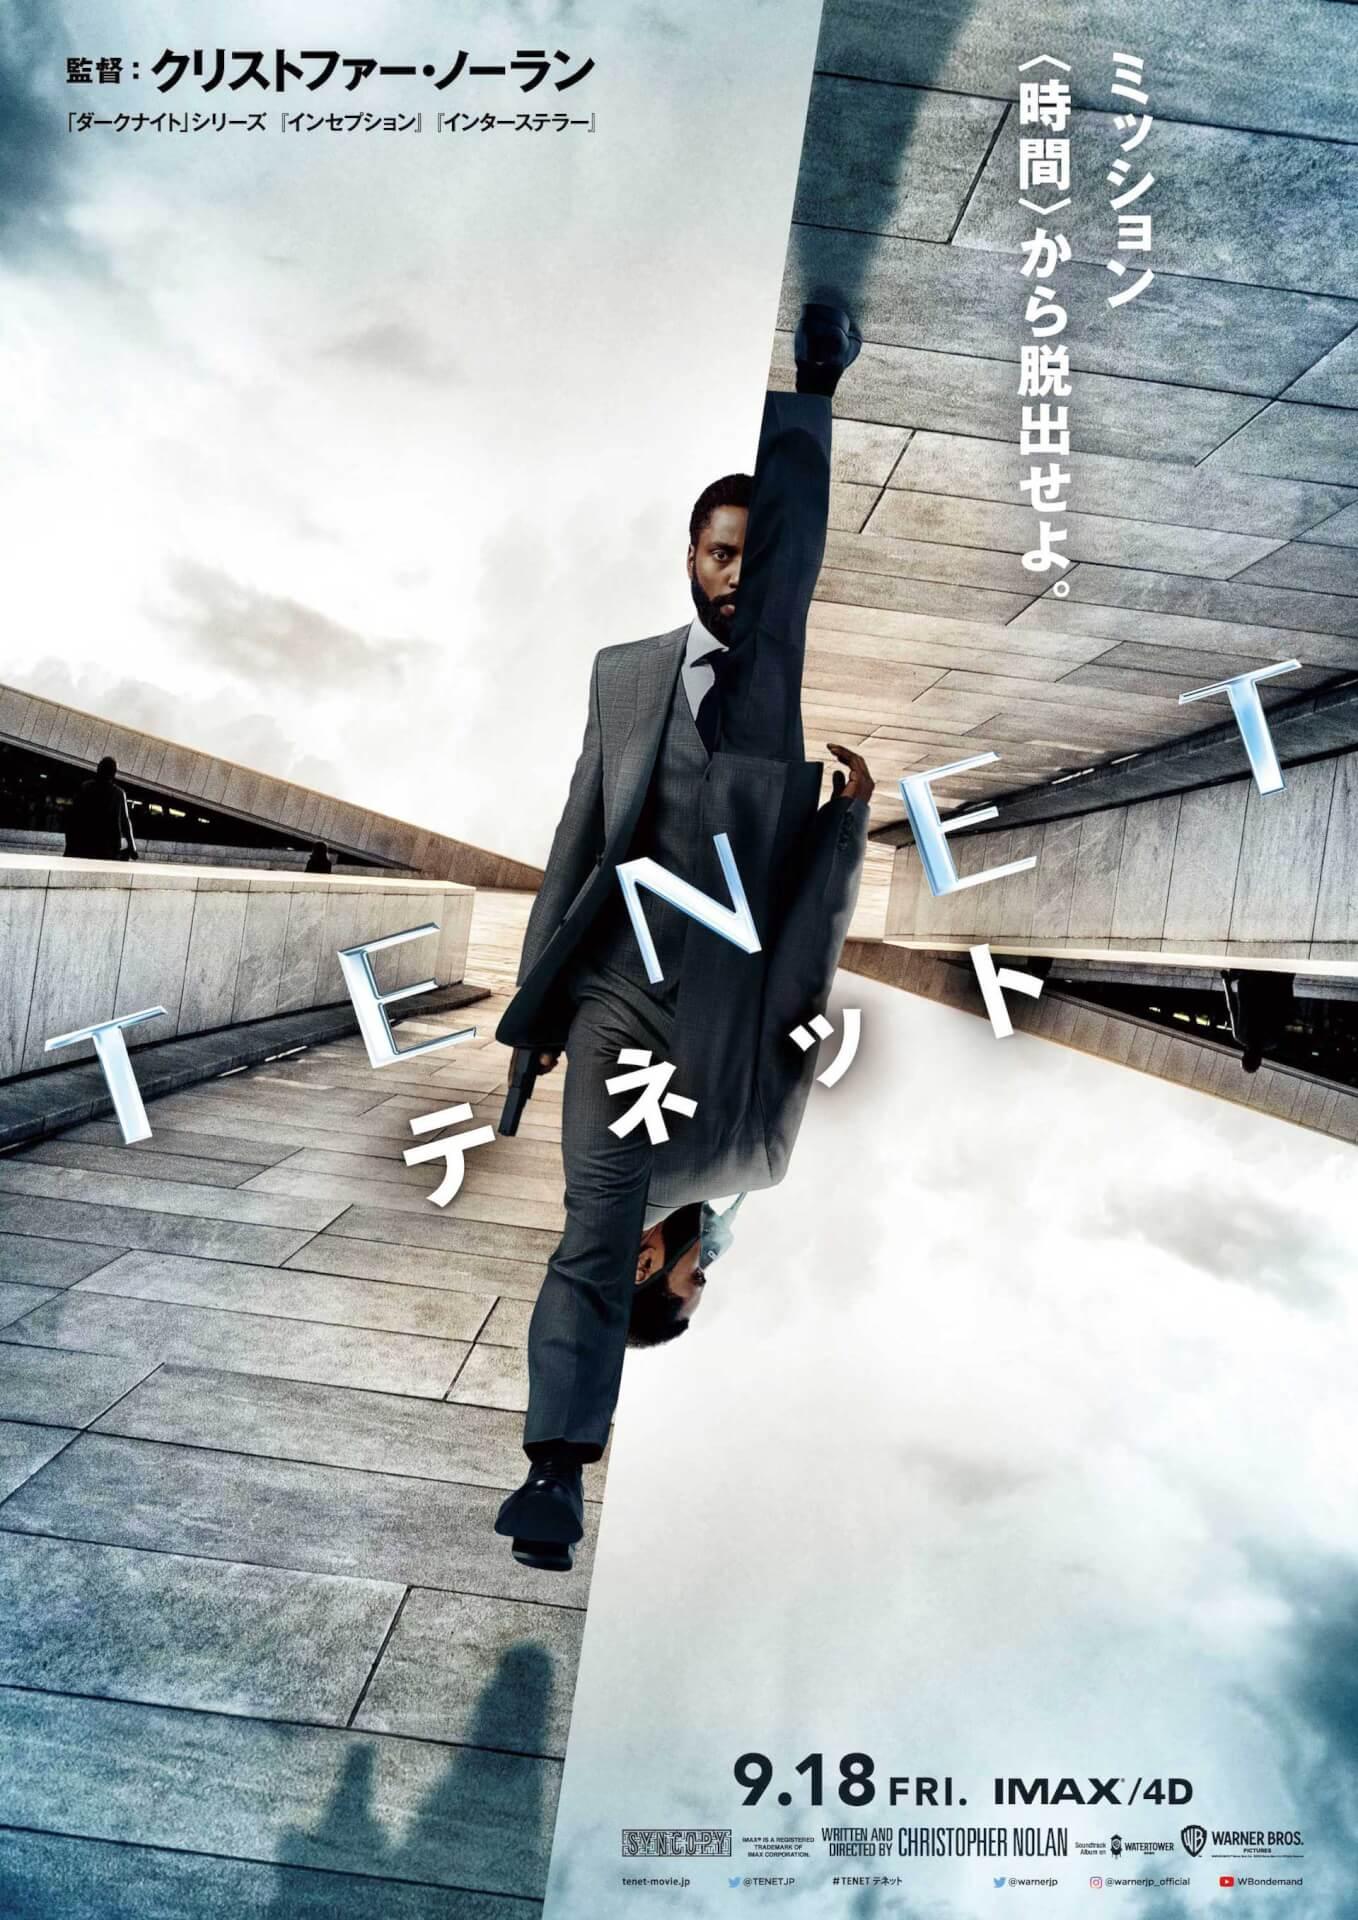 クリストファー・ノーラン最新作『TENET テネット』が日本でも大ヒット!IMAXの魅力たっぷりな特別映像が解禁 film200923_tenet_1